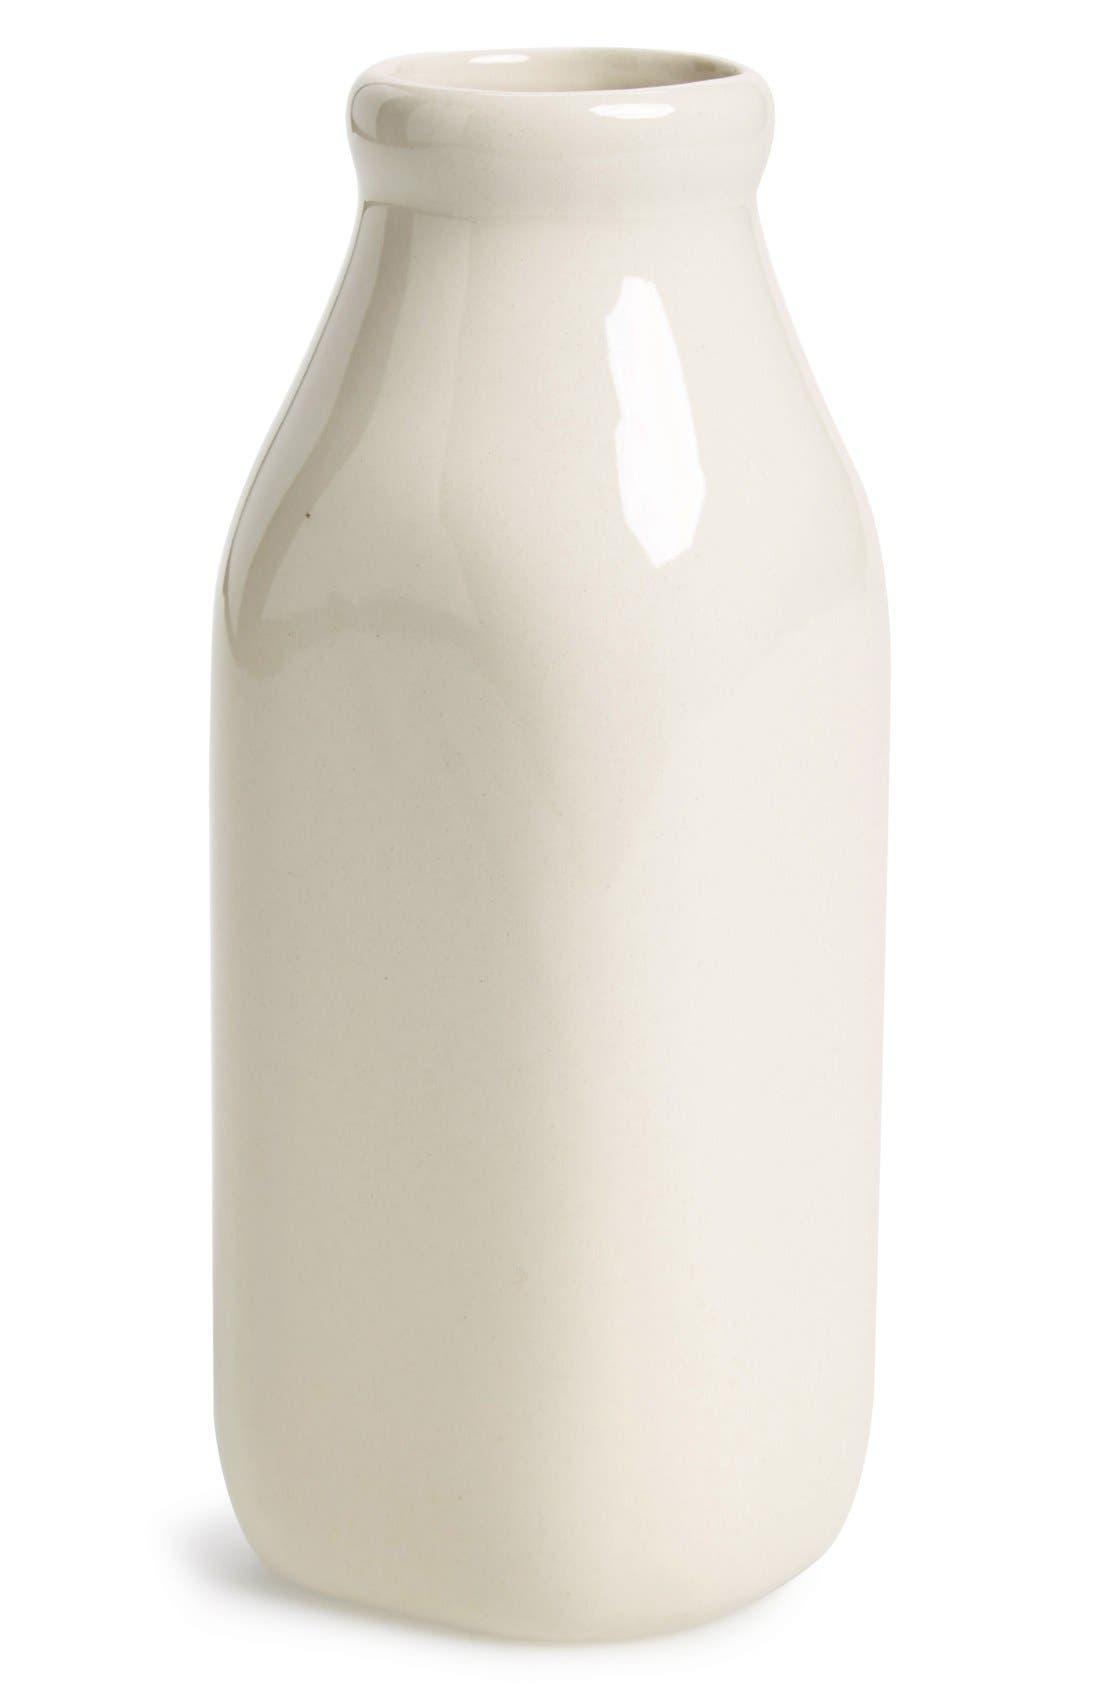 Alternate Image 1 Selected - Fishs Eddy Ceramic Milk Bottle